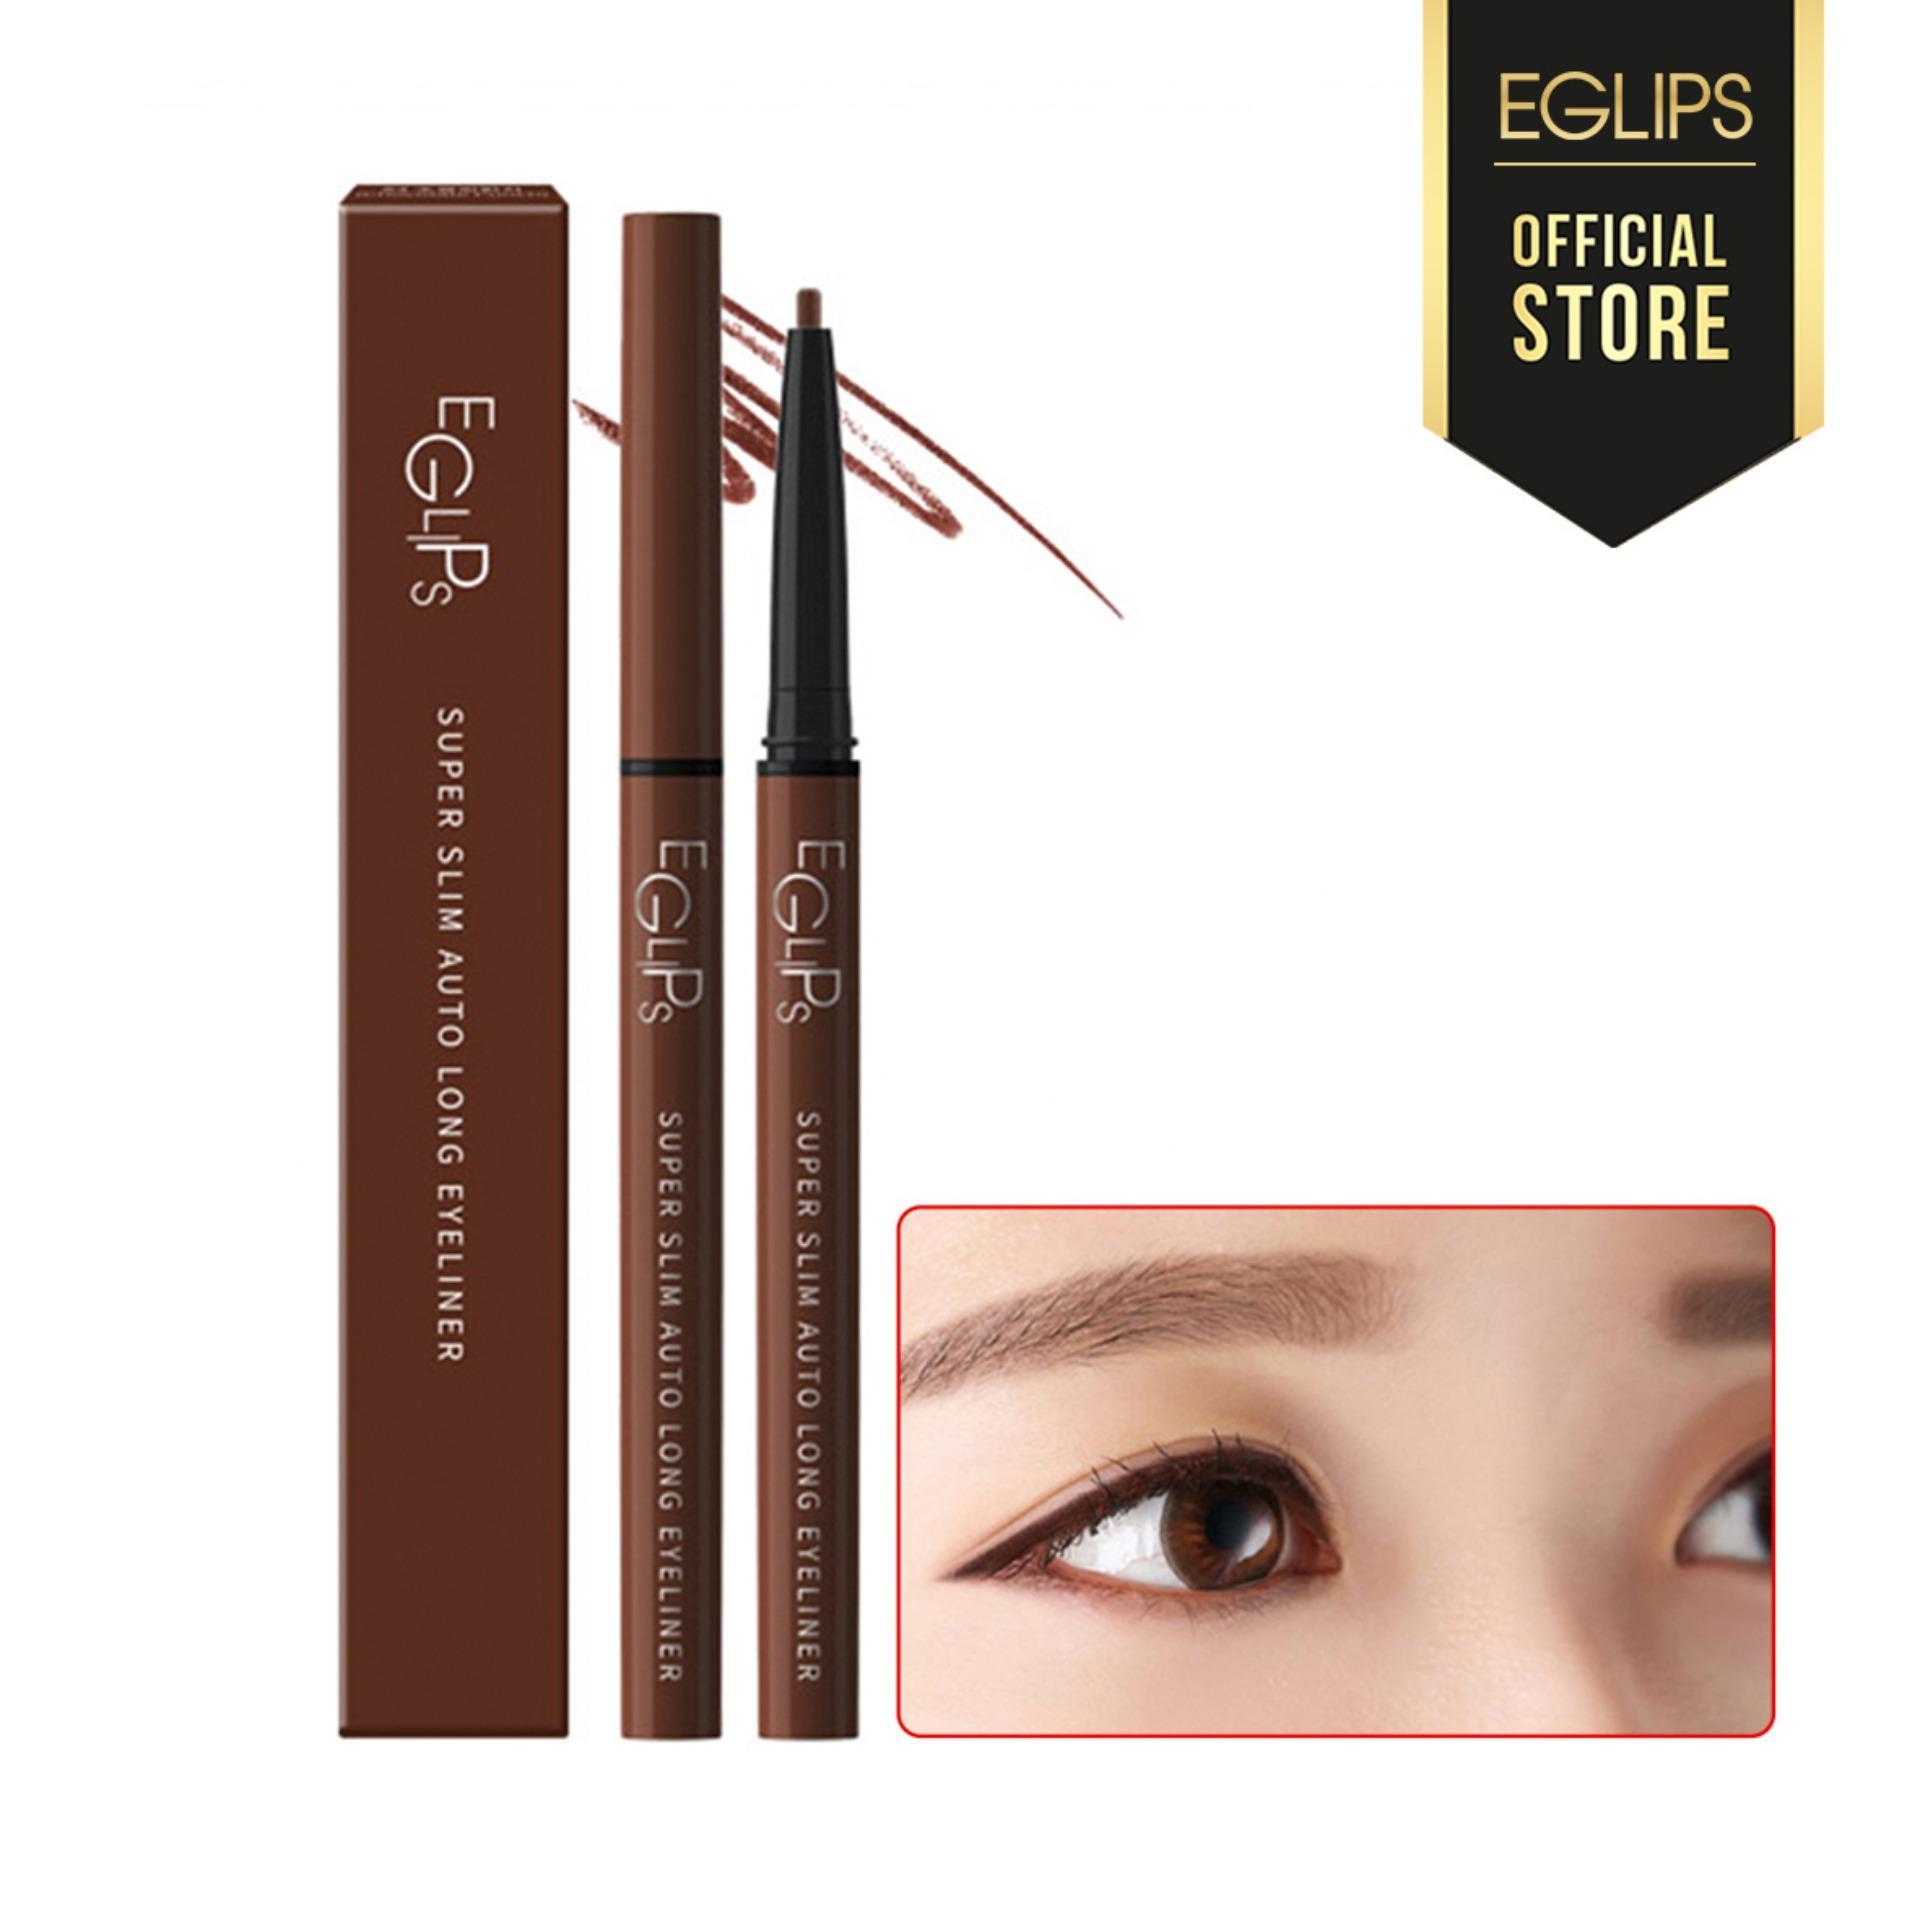 Kẻ mắt lâu trôi Eglips Super Slim Auto Long Eyeliner - S4 Chocolate Punch (Màu nâu đỏ) tốt nhất